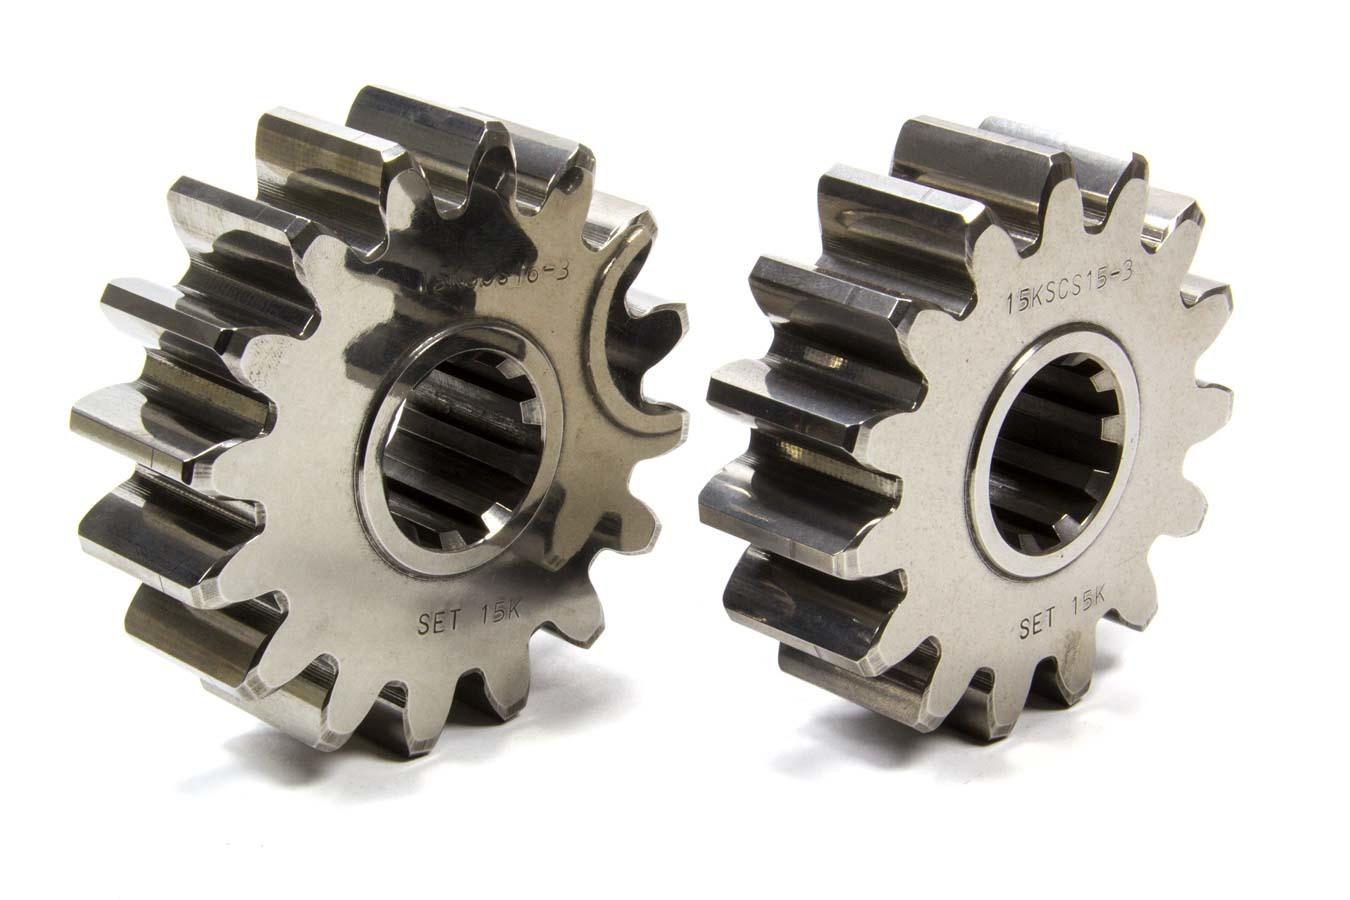 Scs Gears Sportsman QC Gear Set